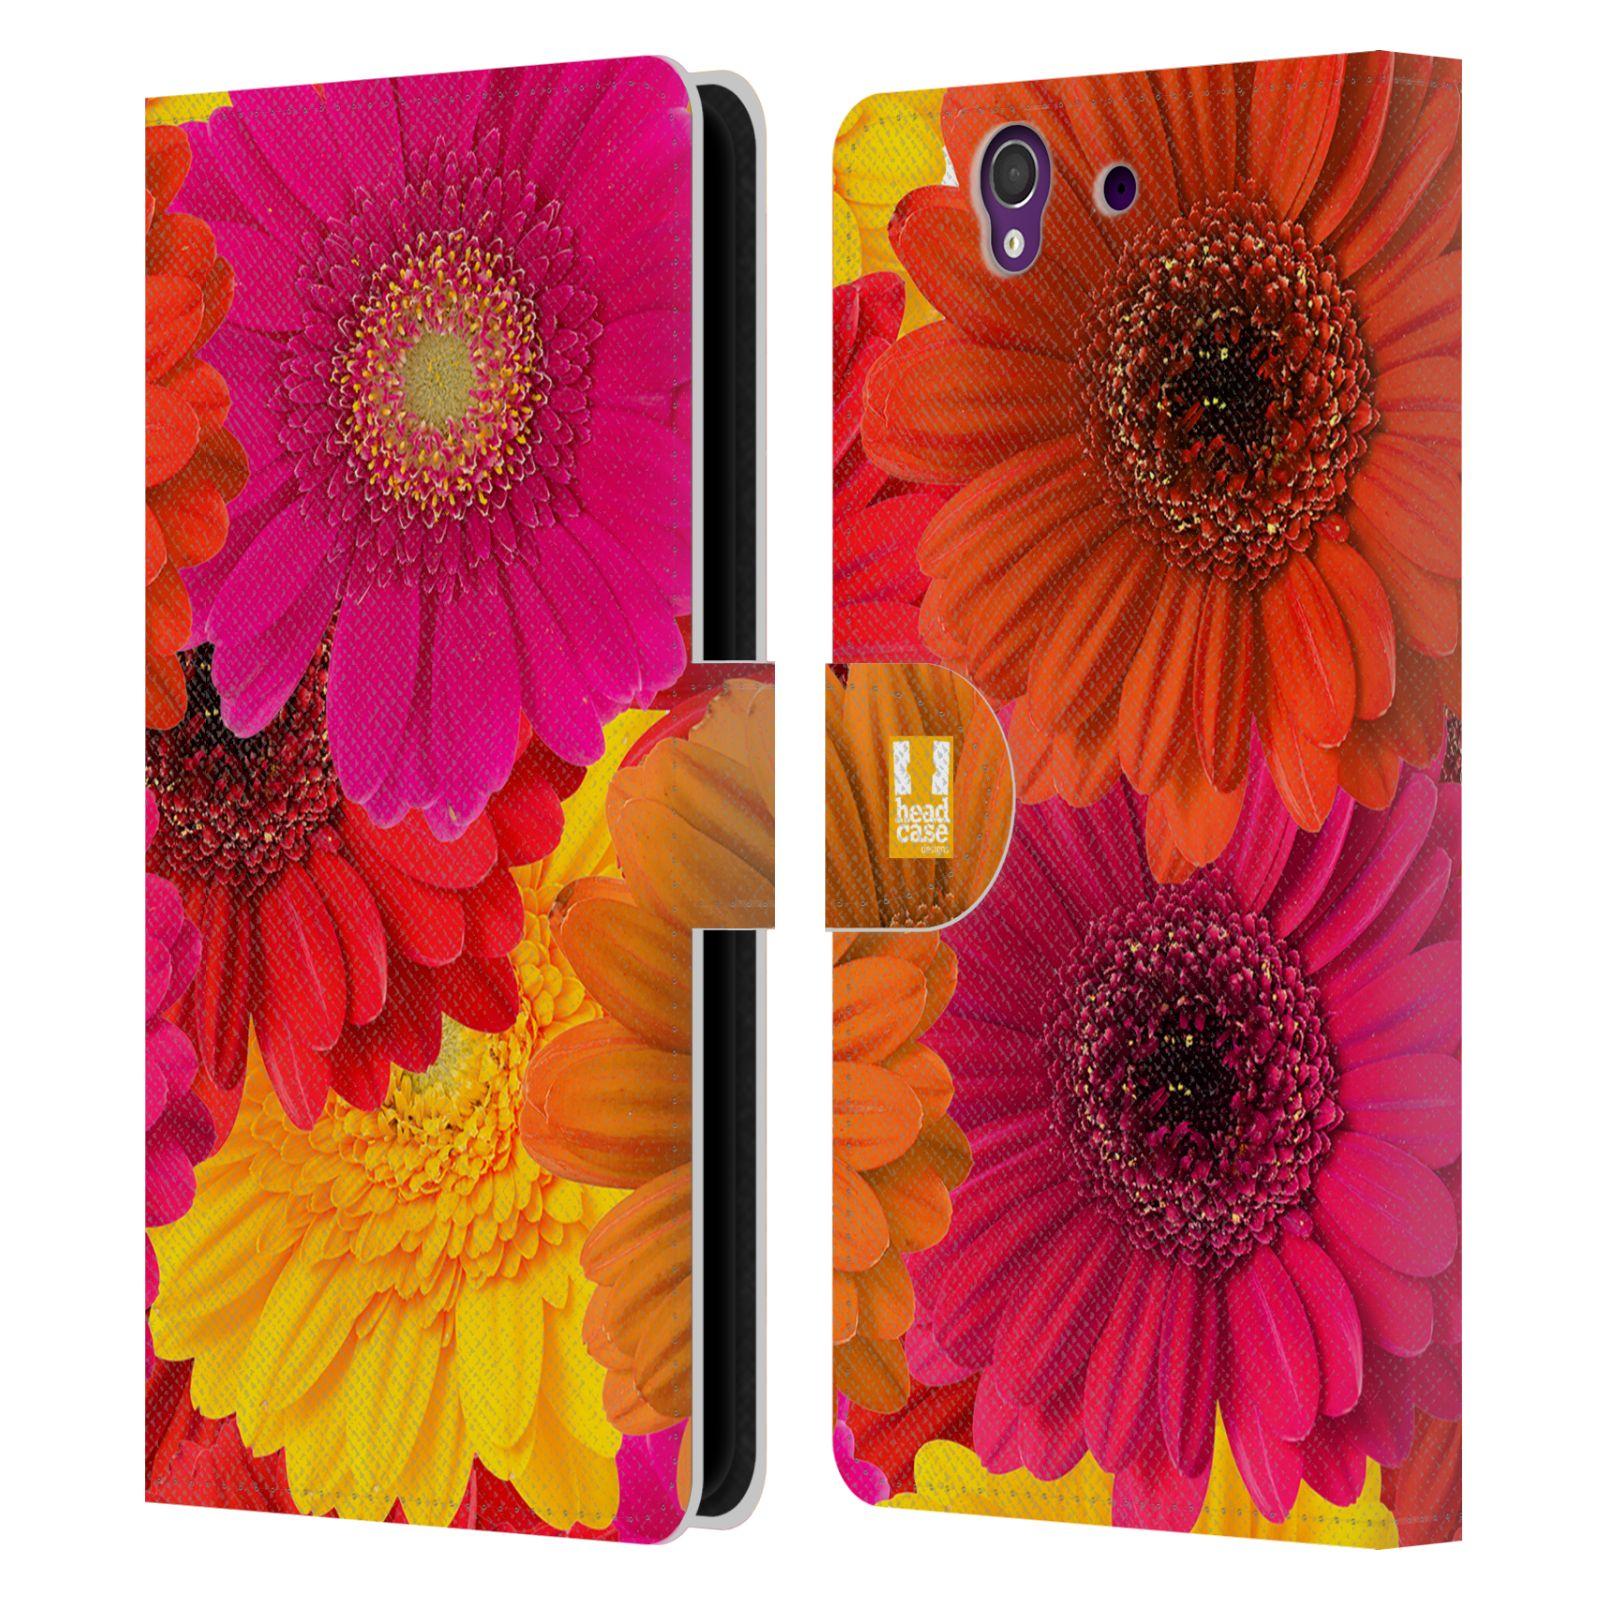 HEAD CASE Flipové pouzdro pro mobil SONY XPERIA Z (C6603) květy foto fialová, oranžová GERBERA